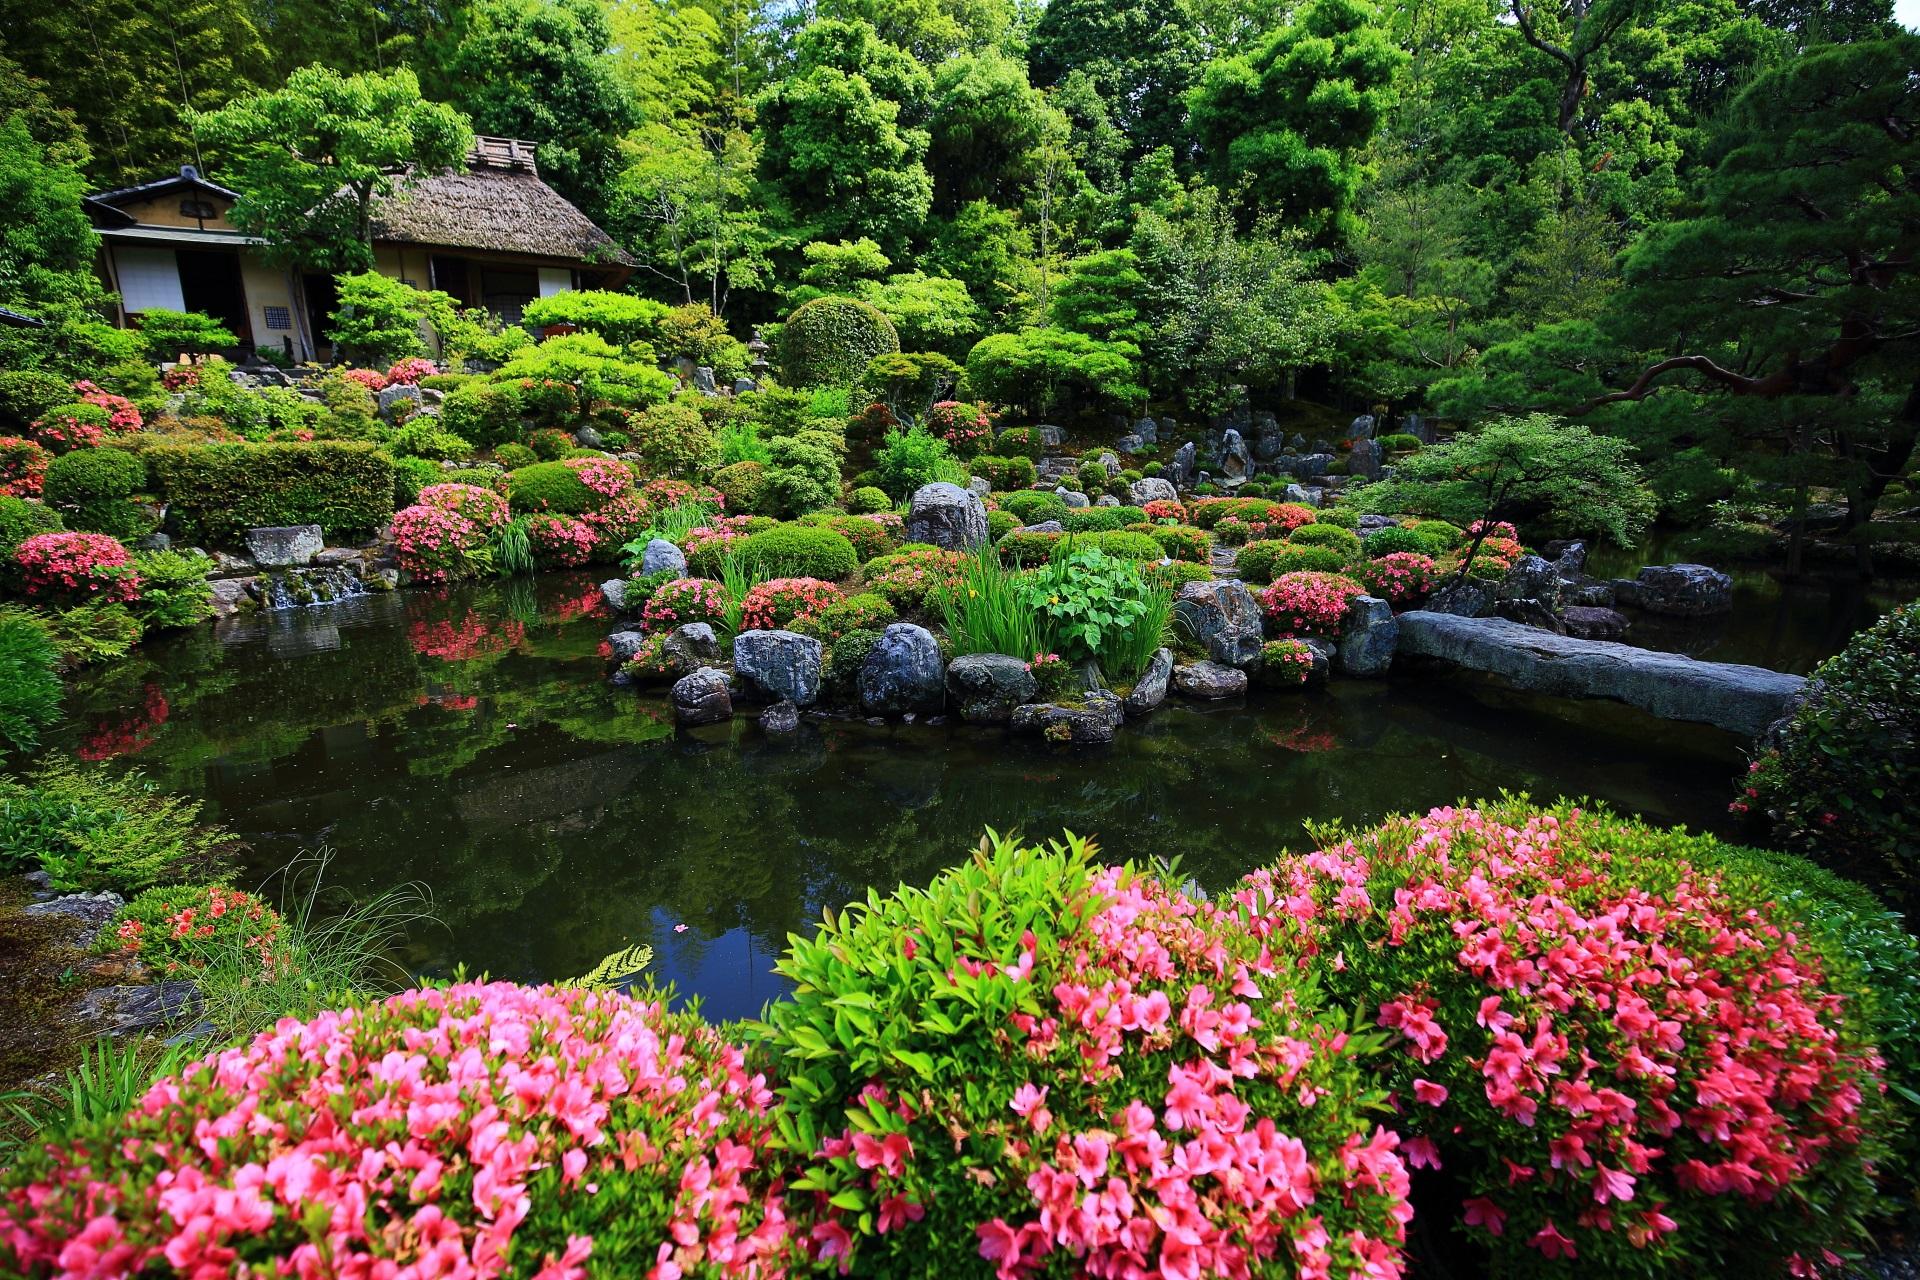 等持院 さつき 華やかな水辺の彩りと緑の庭園